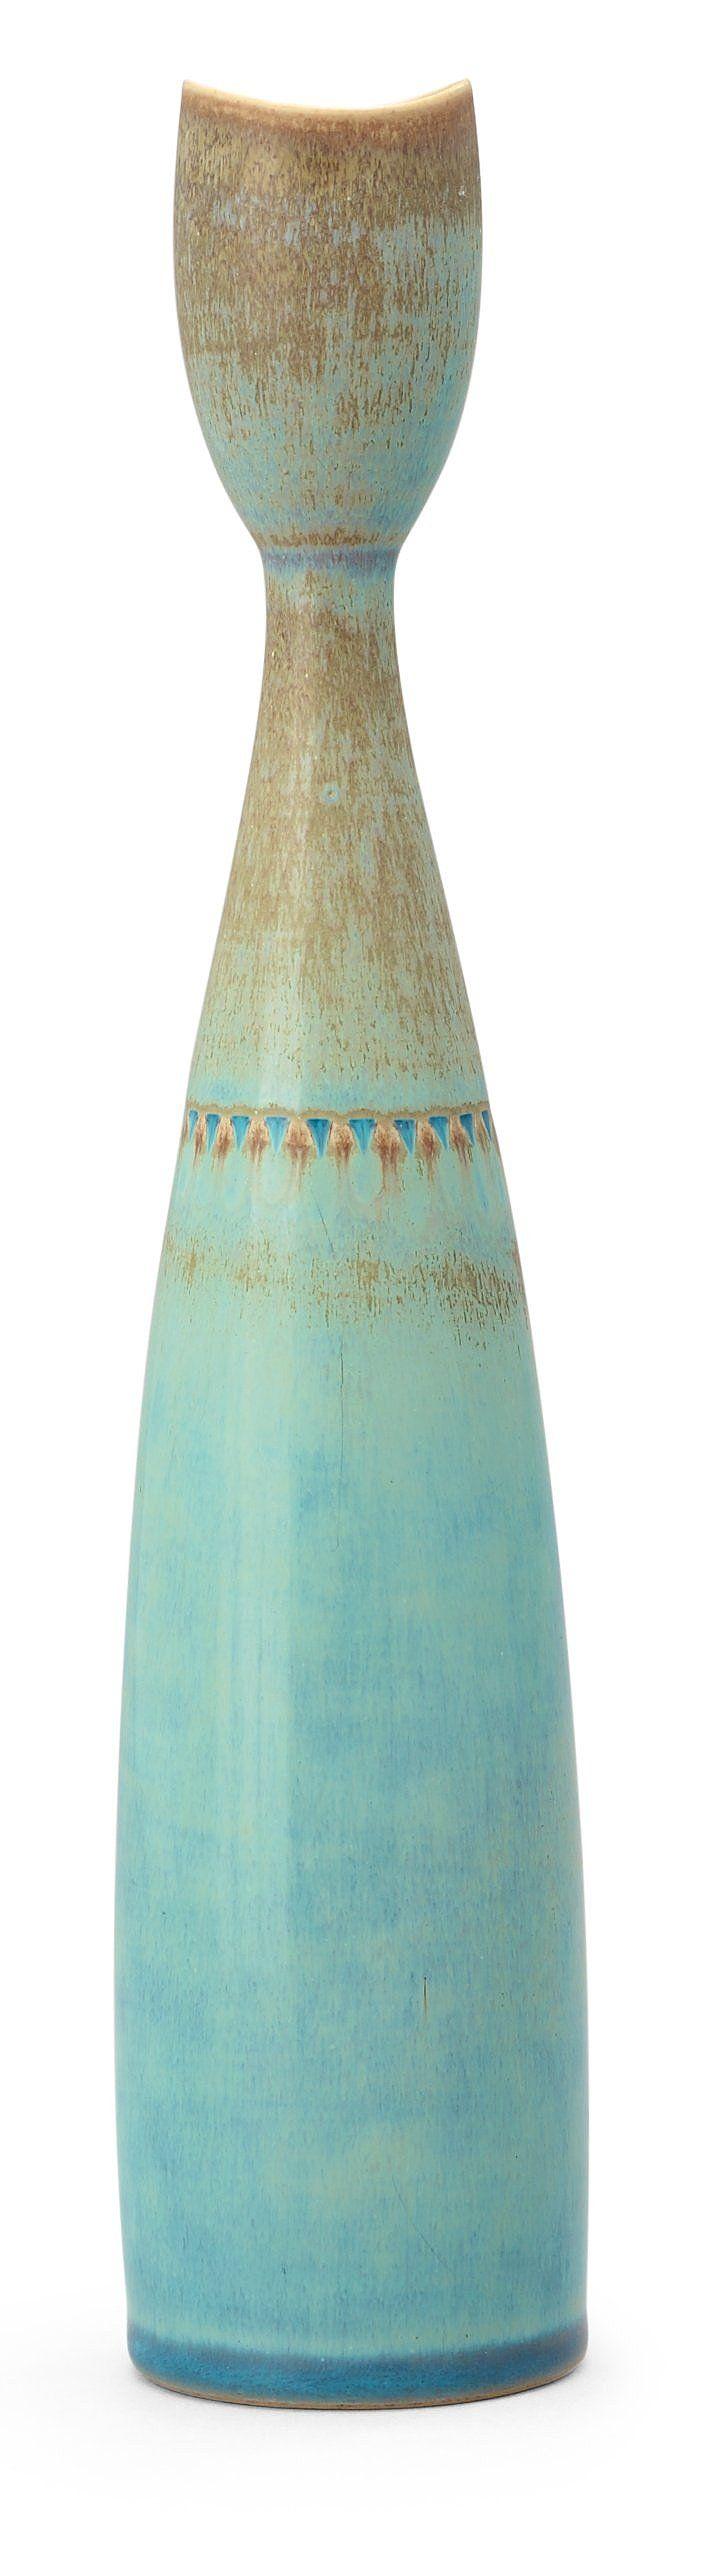 Stig Lindberg; Glazed Stoneware Vase for Gustavsberg, 1953.